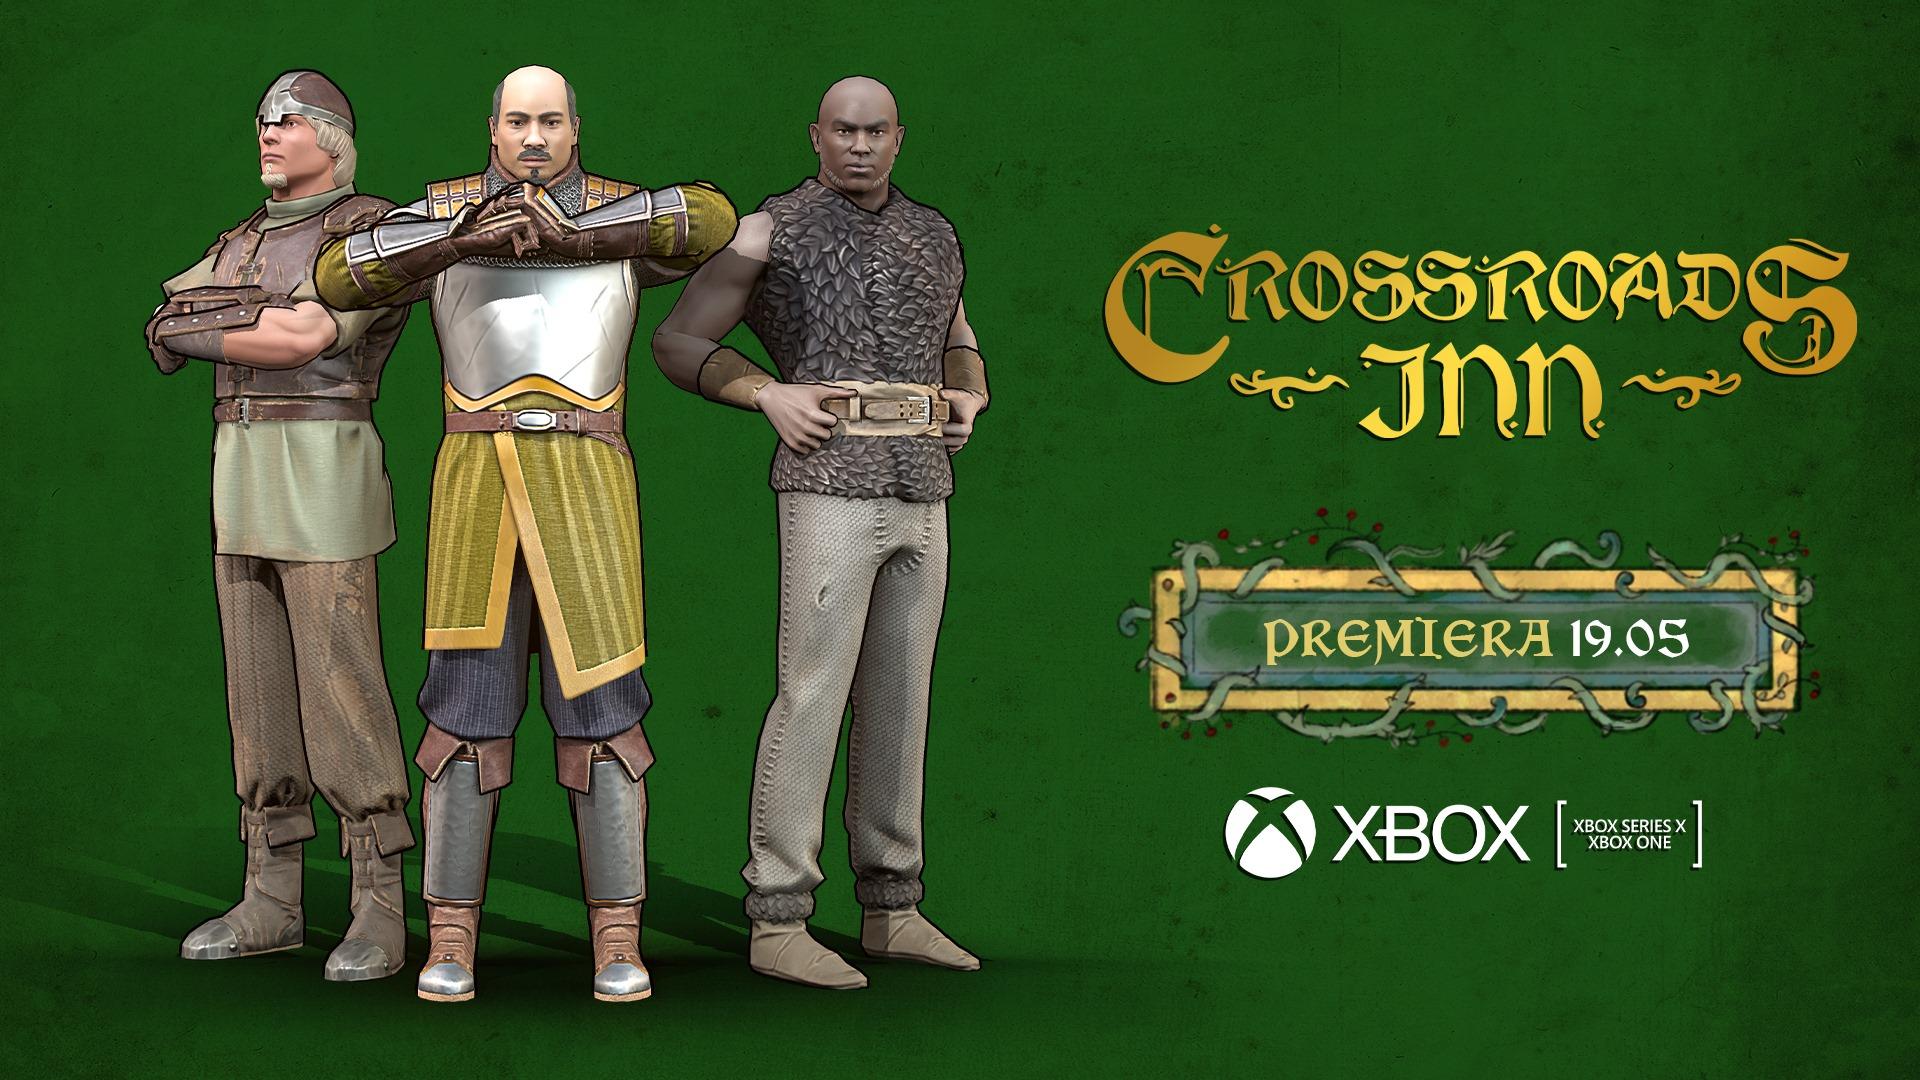 Crossroads Inn zadebiutuje 19.05 na Xbox Series X oraz Xbox One 1